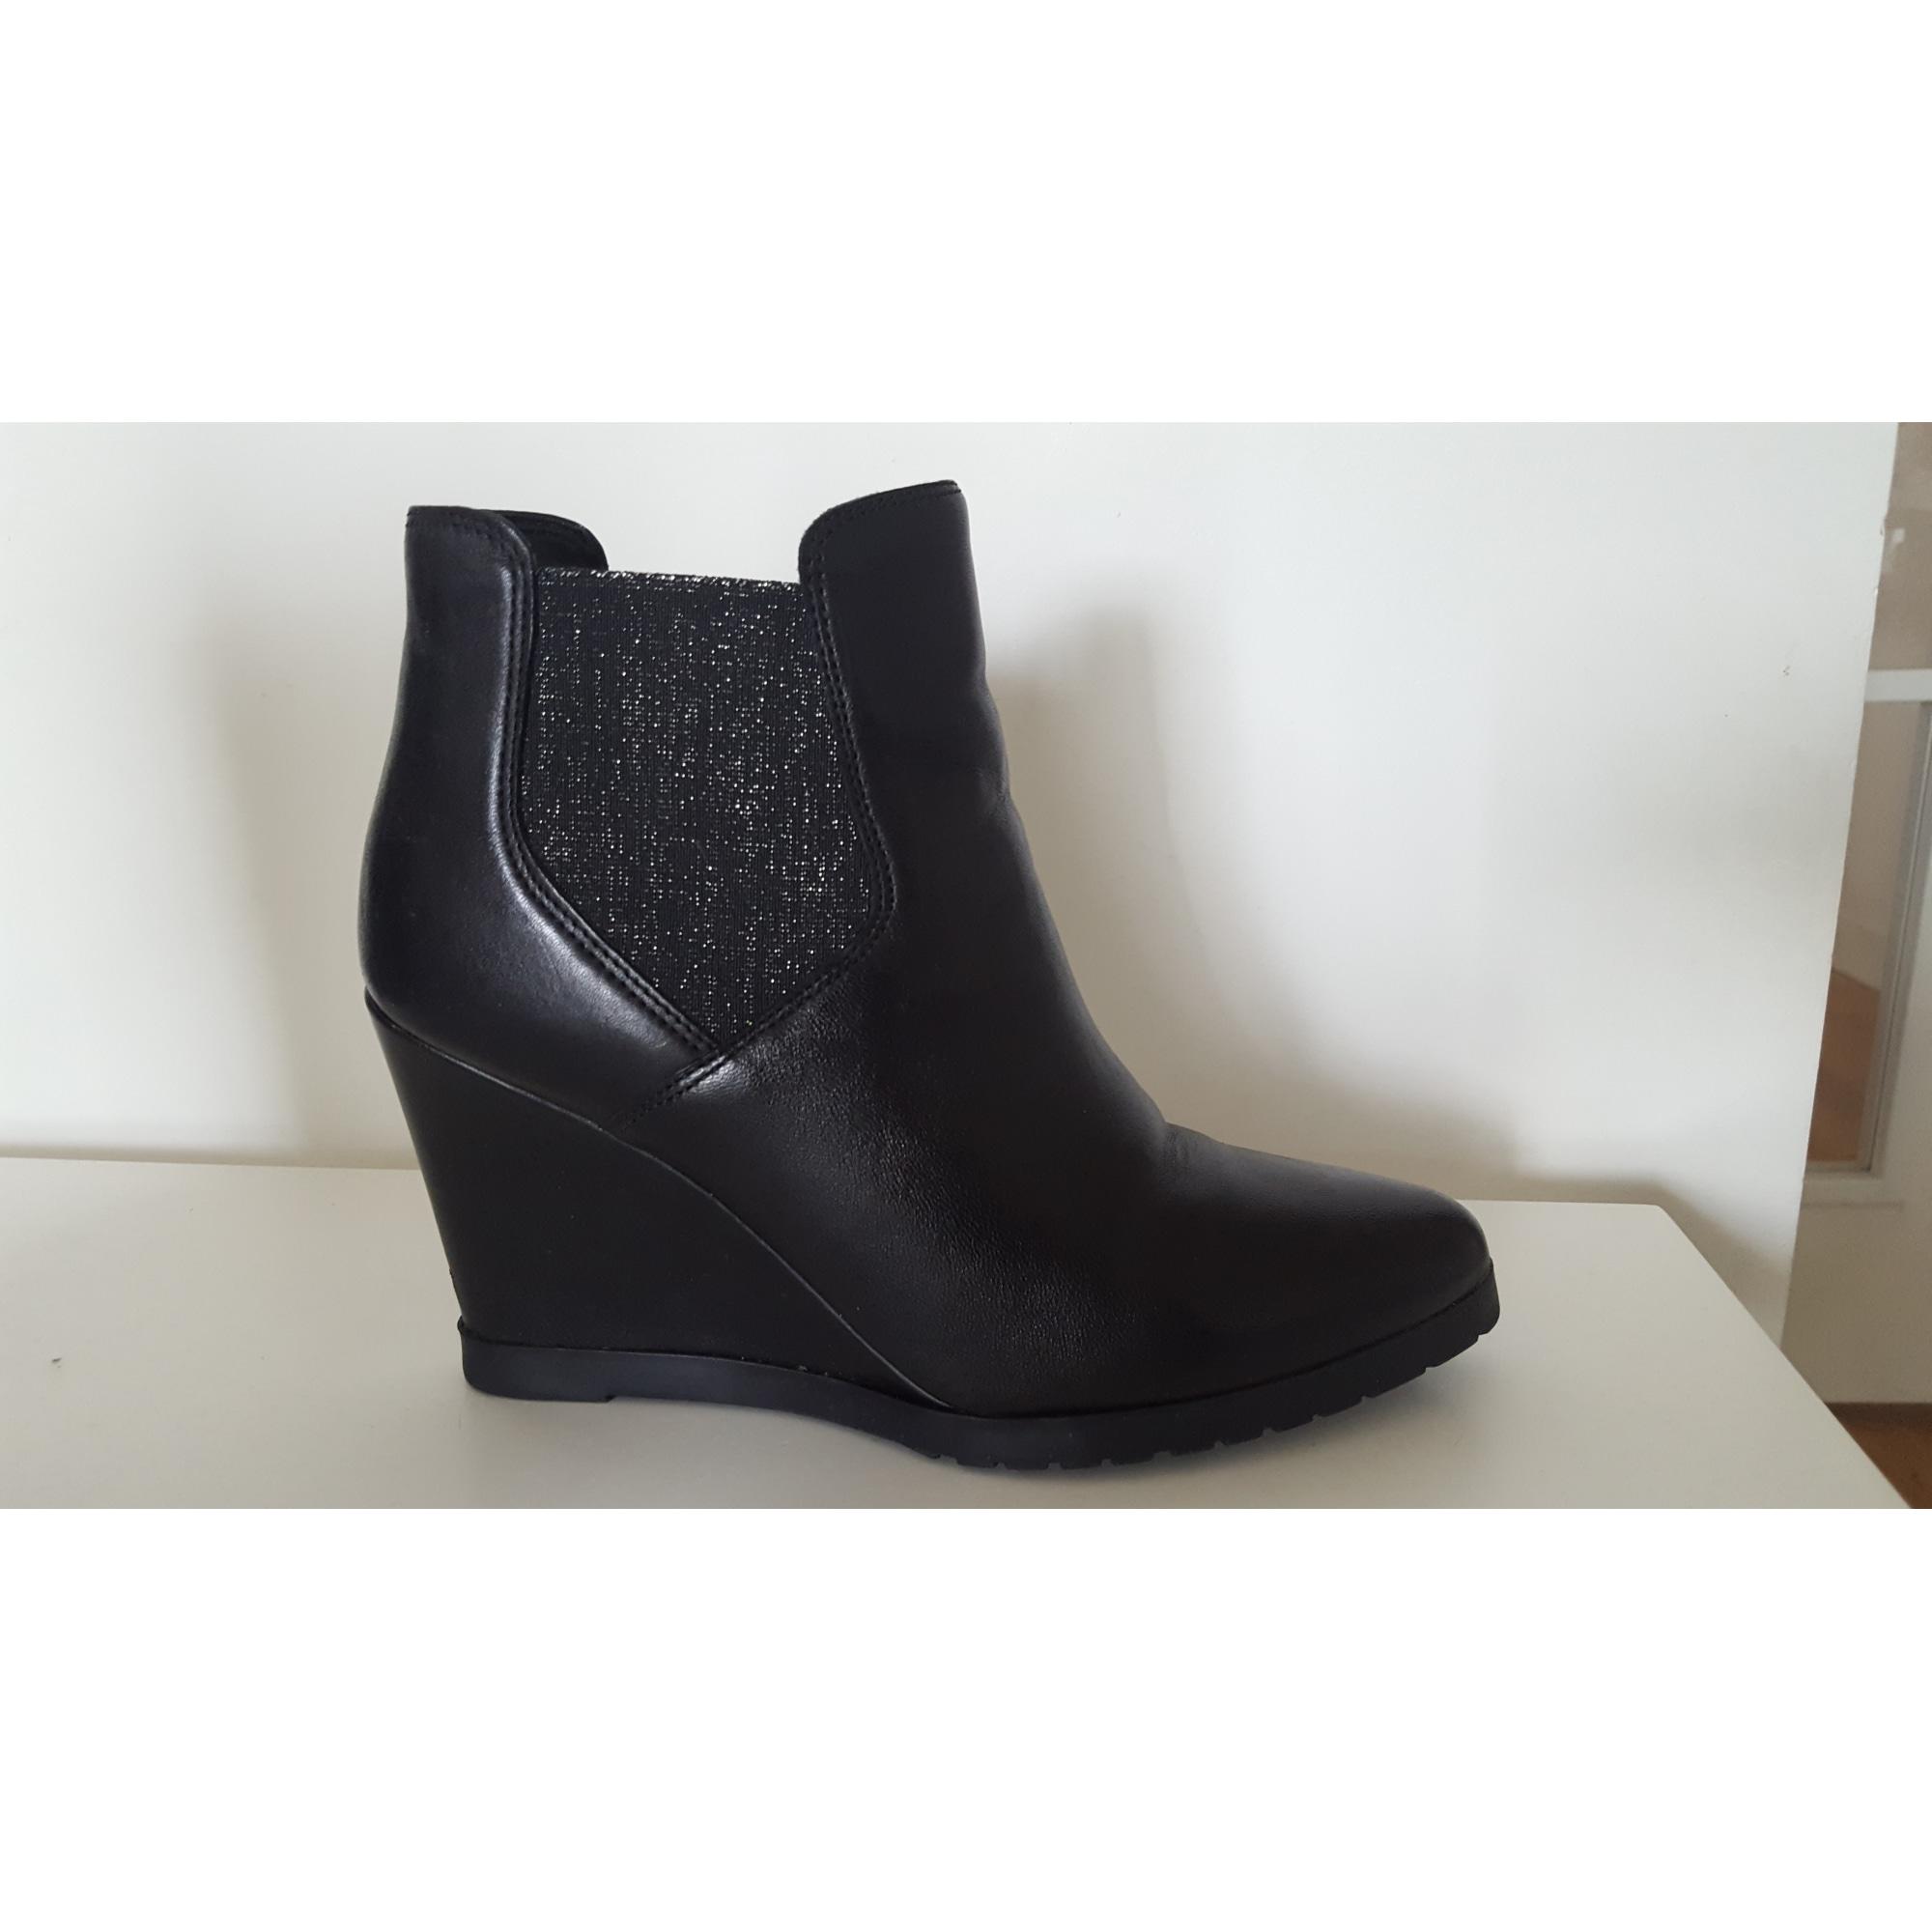 Los Angeles Vente au rabais 2019 images détaillées Bottines & low boots à compensés